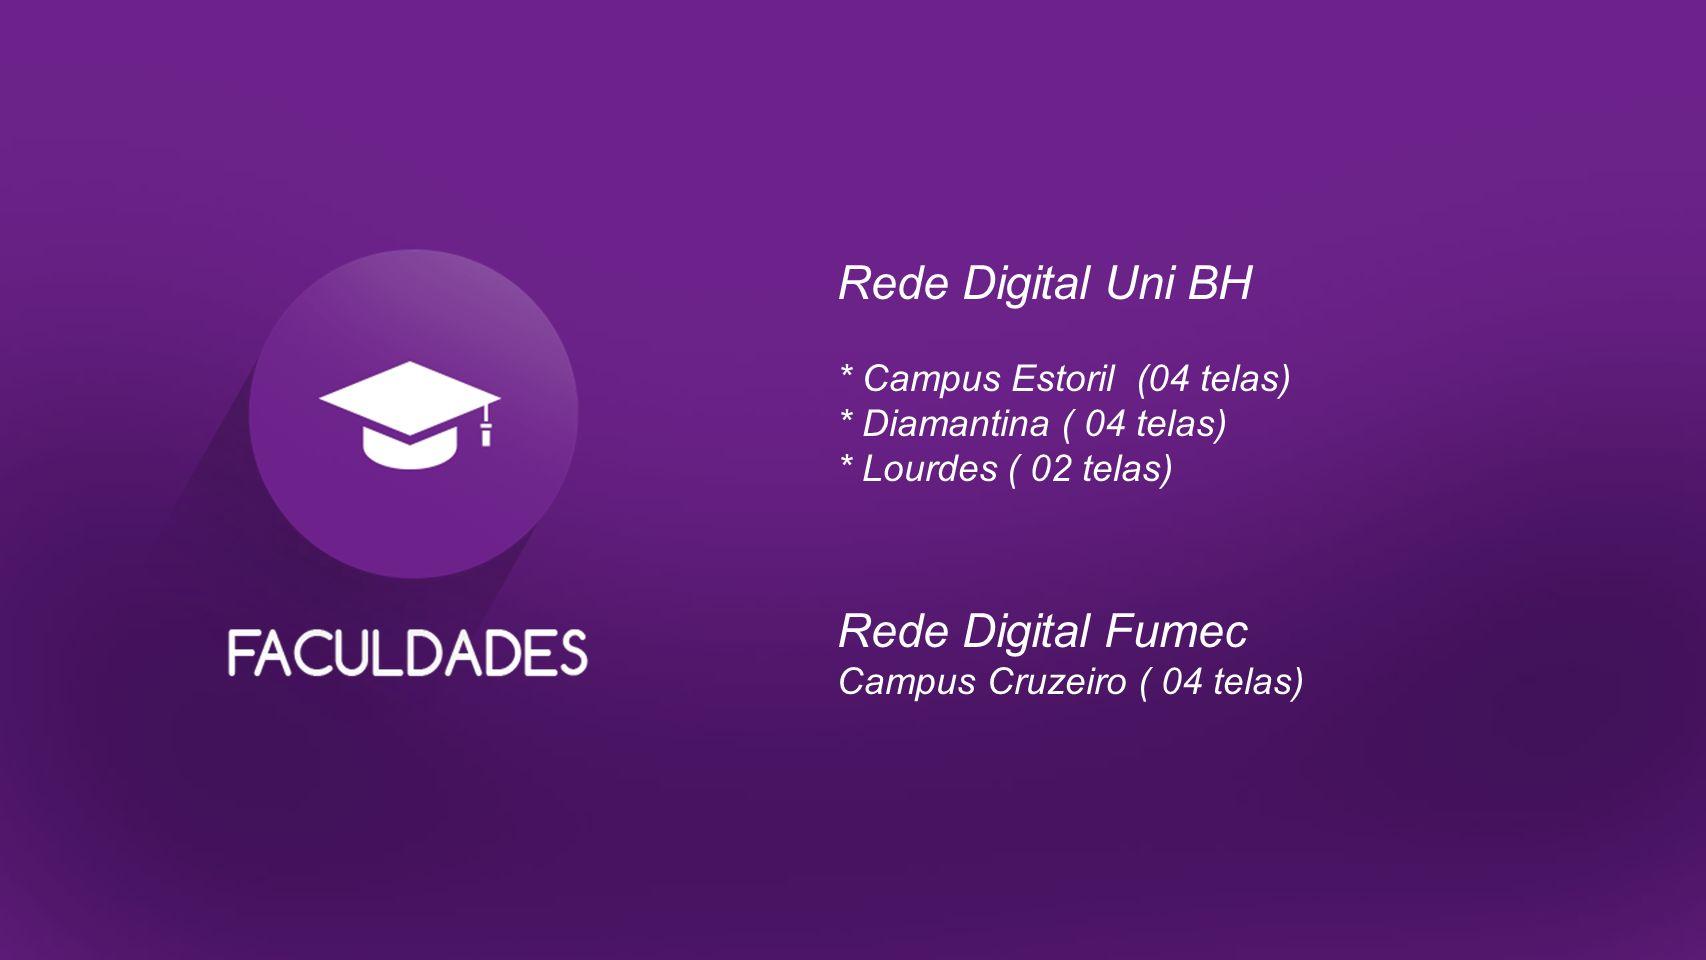 Rede Digital Uni BH * Campus Estoril (04 telas) * Diamantina ( 04 telas) * Lourdes ( 02 telas) Rede Digital Fumec Campus Cruzeiro ( 04 telas)